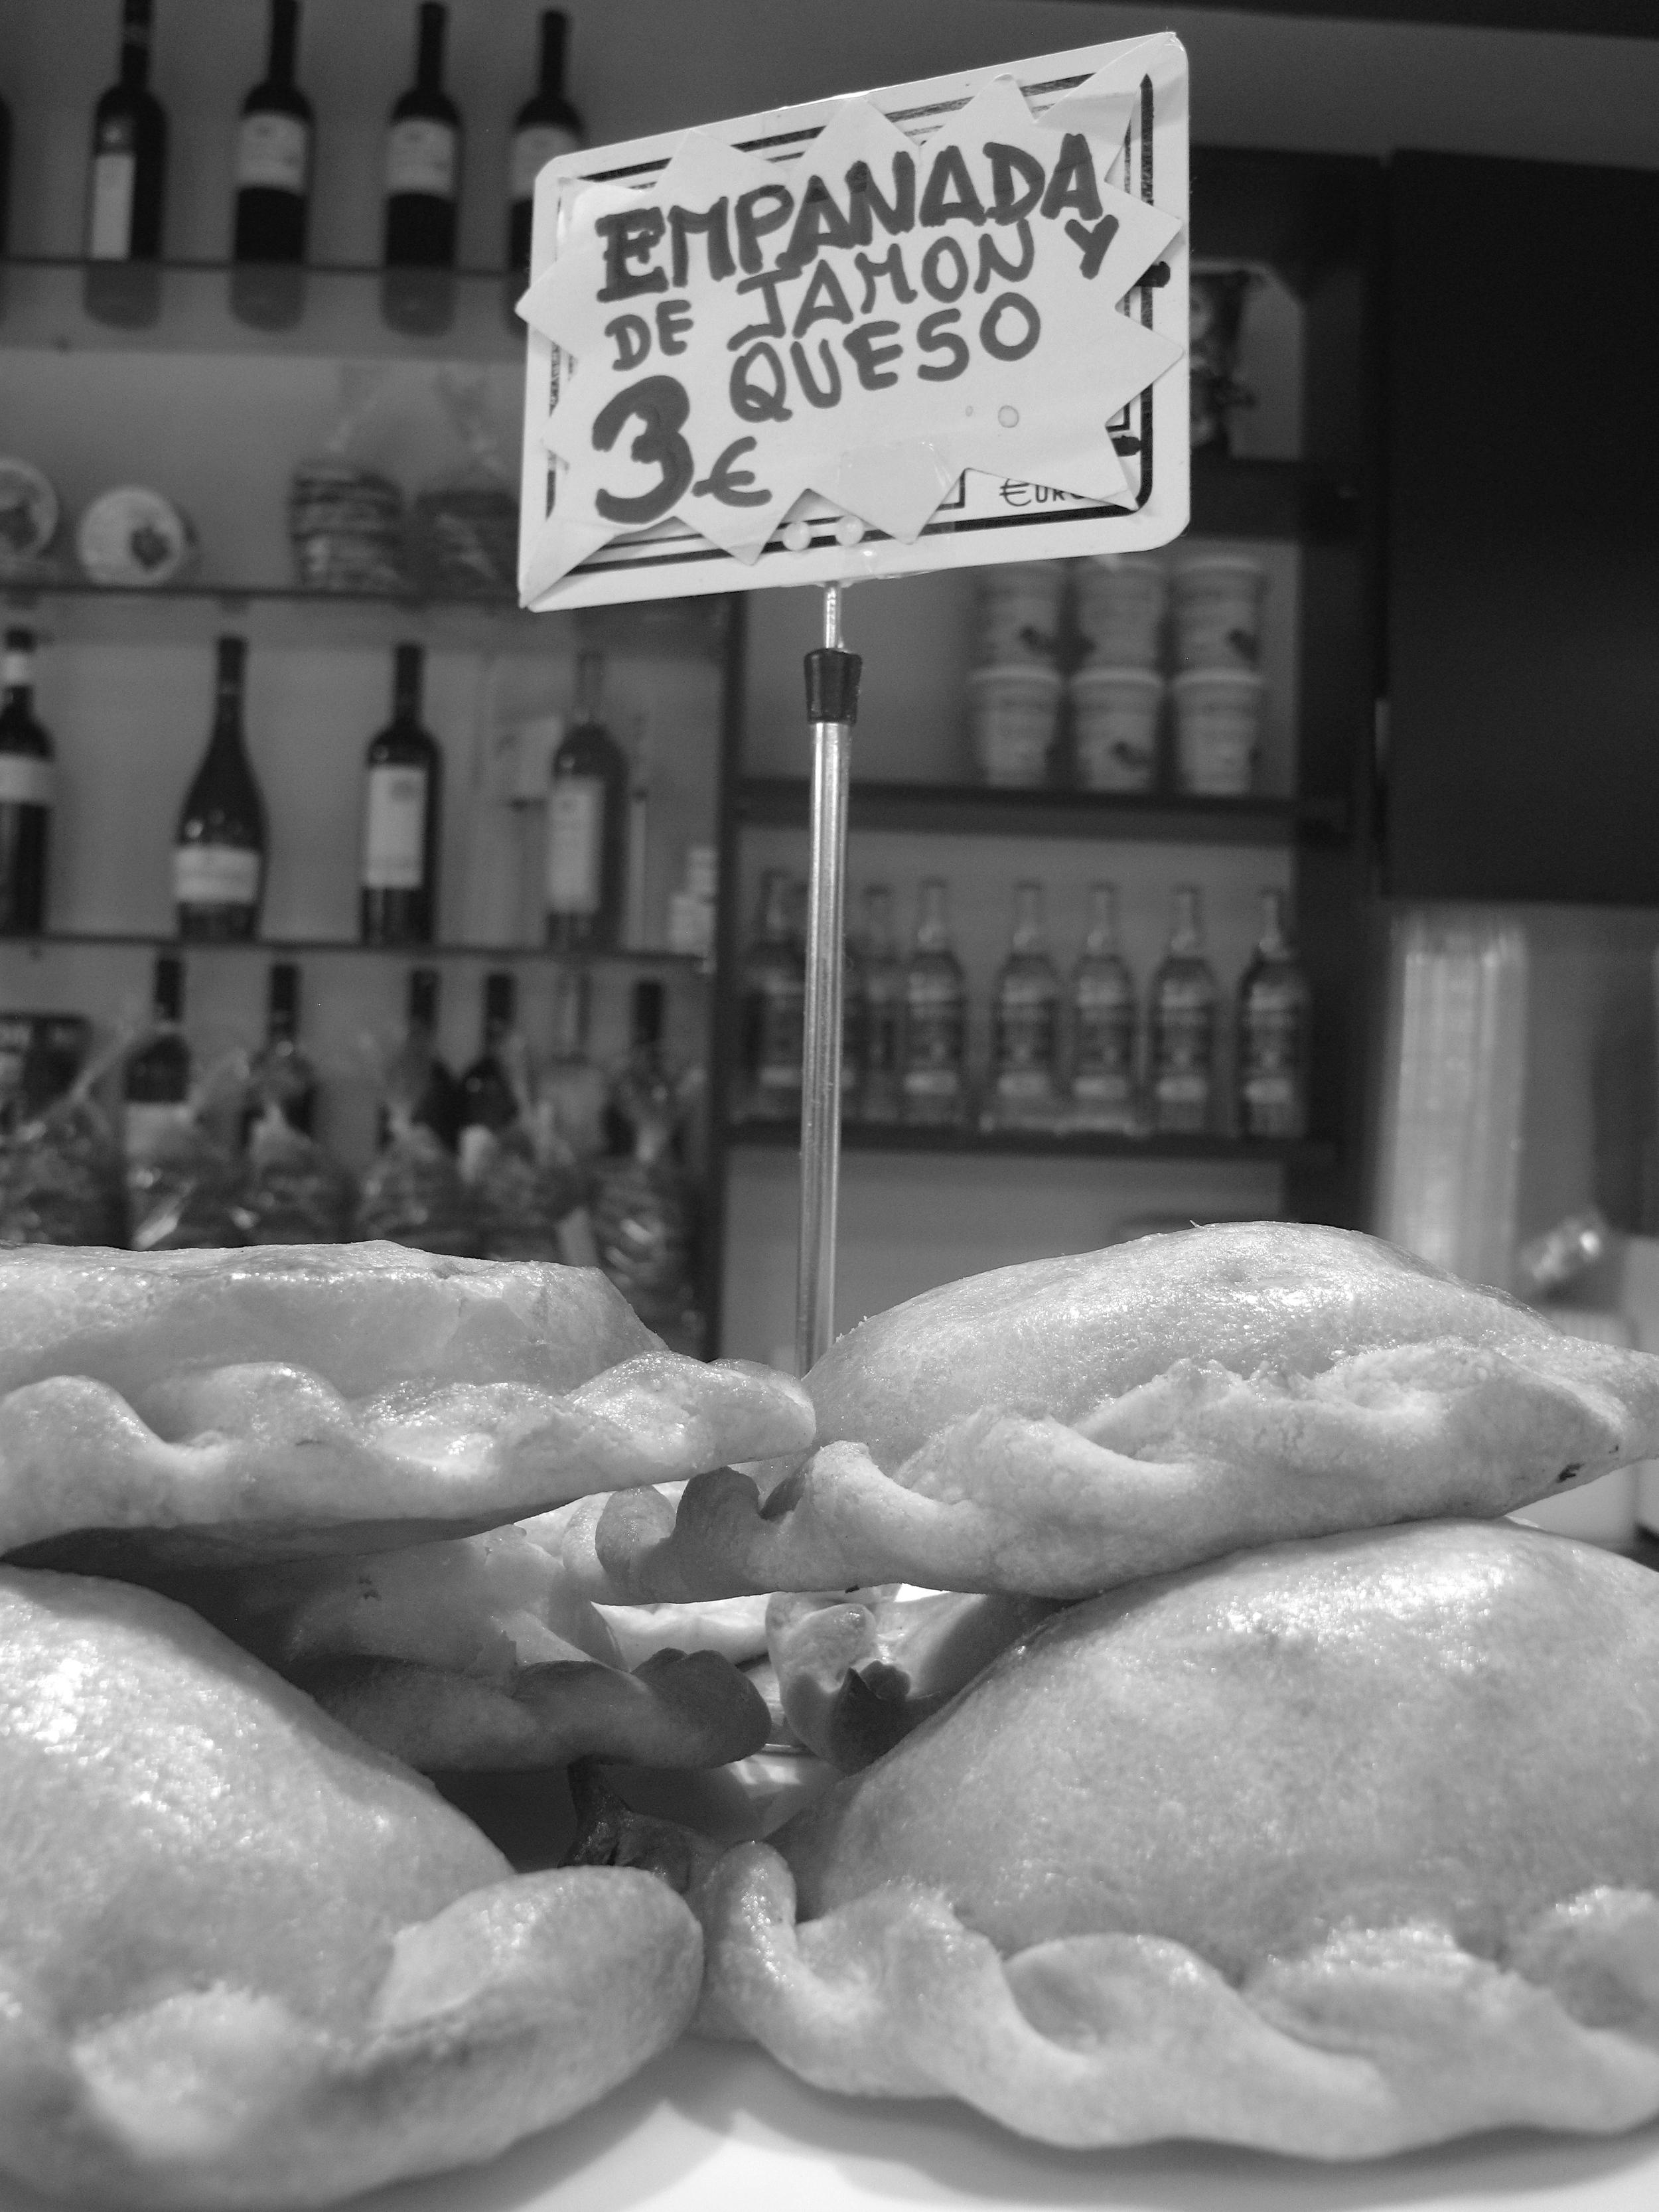 Empanada de jamon y queso at the Boqueria in Barcelona